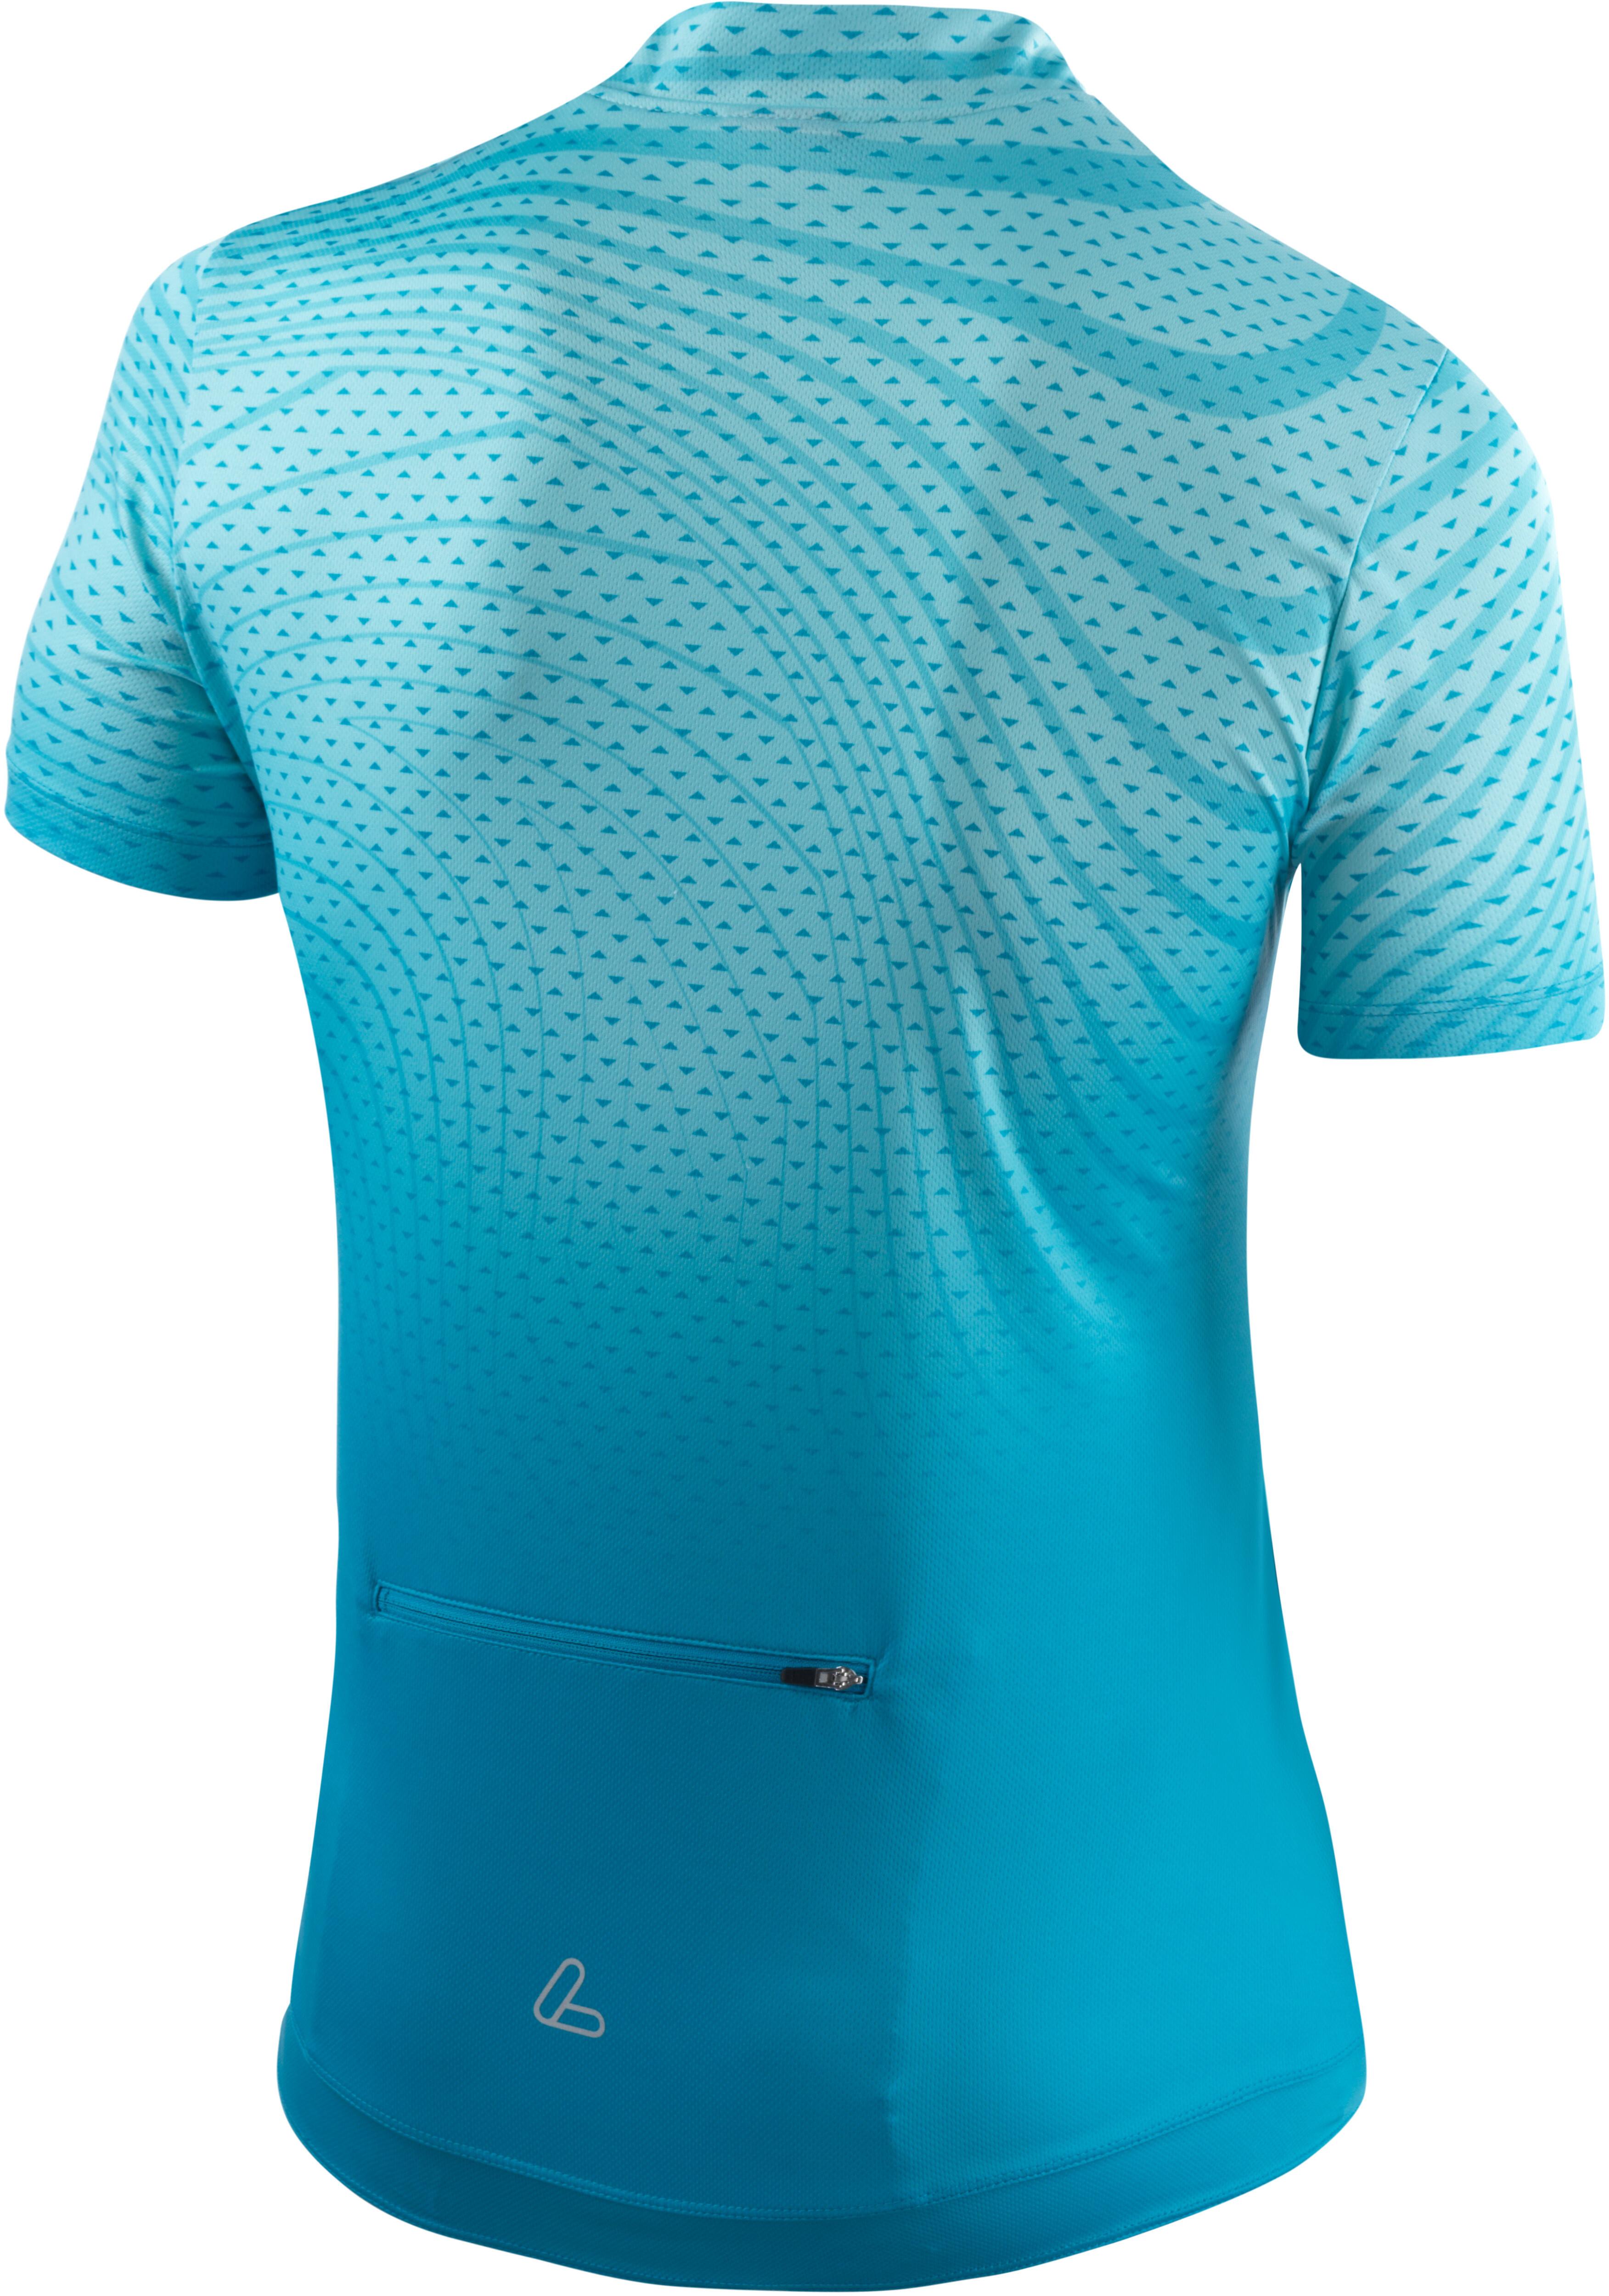 93bc6687e1a Löffler Java Fietsshirt korte mouwen Dames turquoise